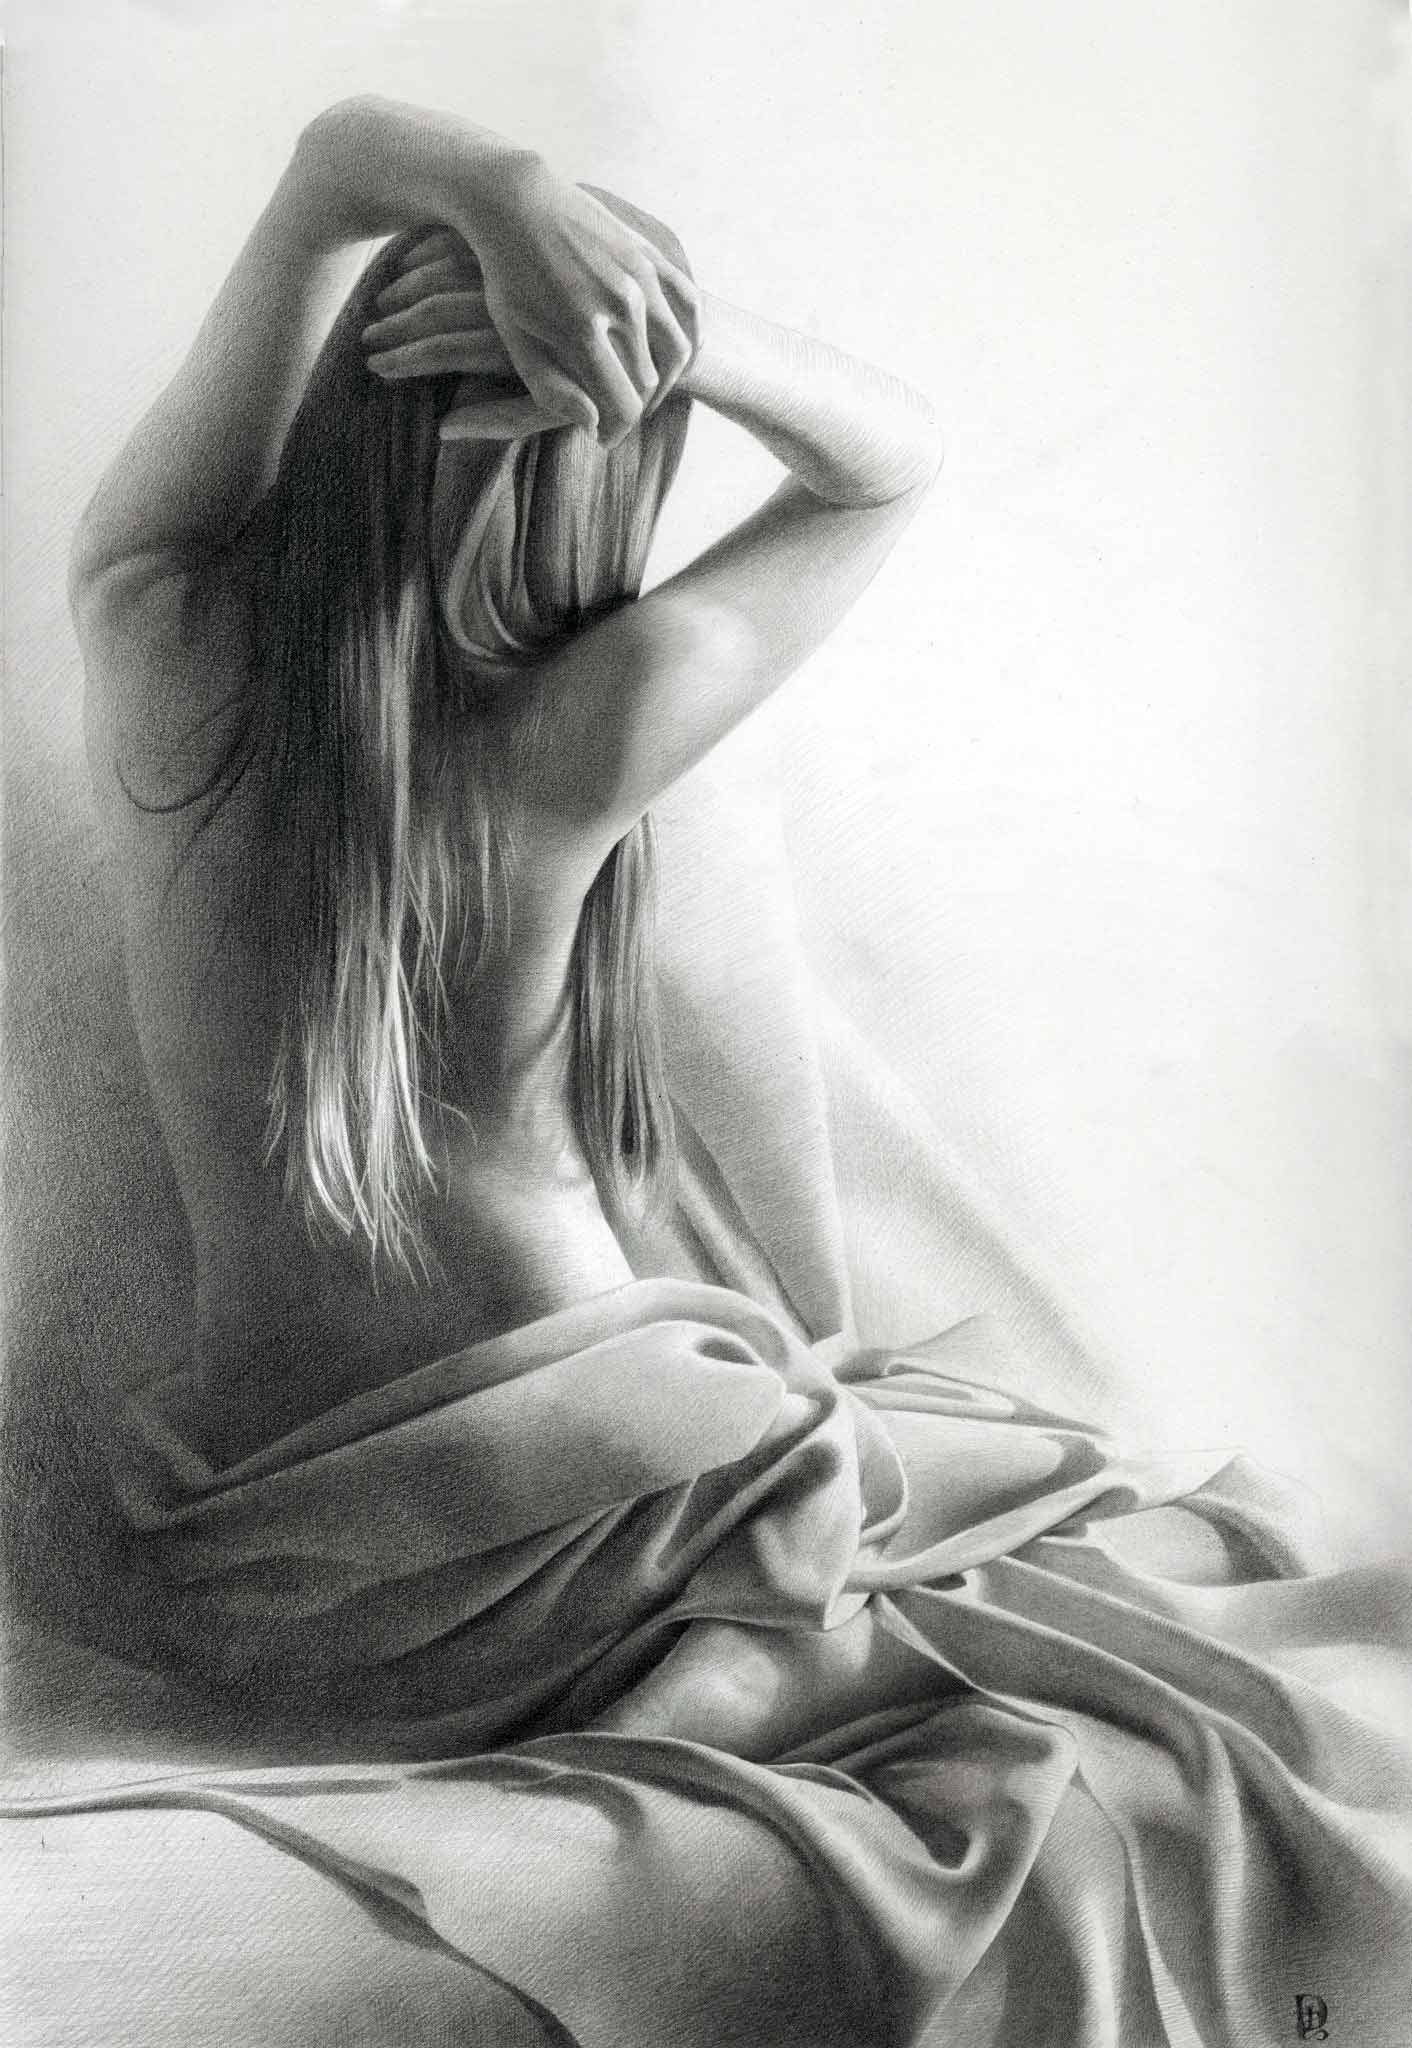 Рисунки на голой девочке 18 фотография